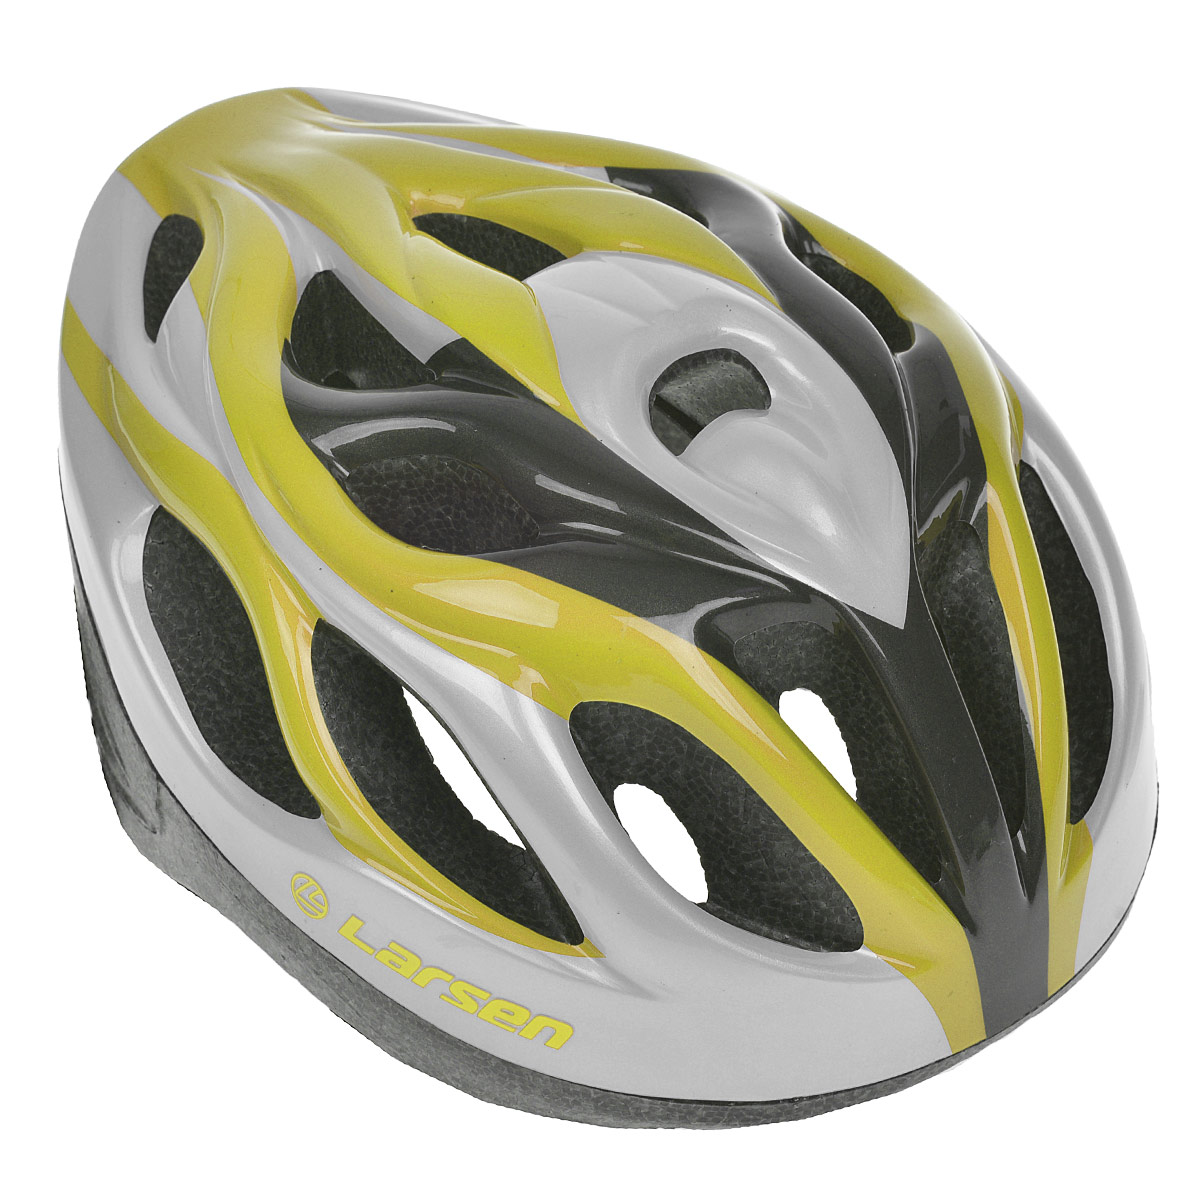 Шлем роликовый Larsen H3BW, цвет: желтый, серебристый. Размер L (54-57 см)286909Надежный роликовый шлем Larsen H3BW сделает ваш активный отдых безопасным.Шлем выполнен из прочного пластика и отлично защищает от травм. Внутренняя сторона шлема оснащена мягкими текстильными накладками, которые обеспечивают надежное прилегание шлема и комфорт при использовании. Шлем имеет систему систему вентиляции. Он отлично сядет по голове, благодаря регулируемым ремешкам и практичному механическому регулятору.Роликовый шлем станет незаменимым дополнением для полноценного летнего отдыха и занятия активными видами спорта.